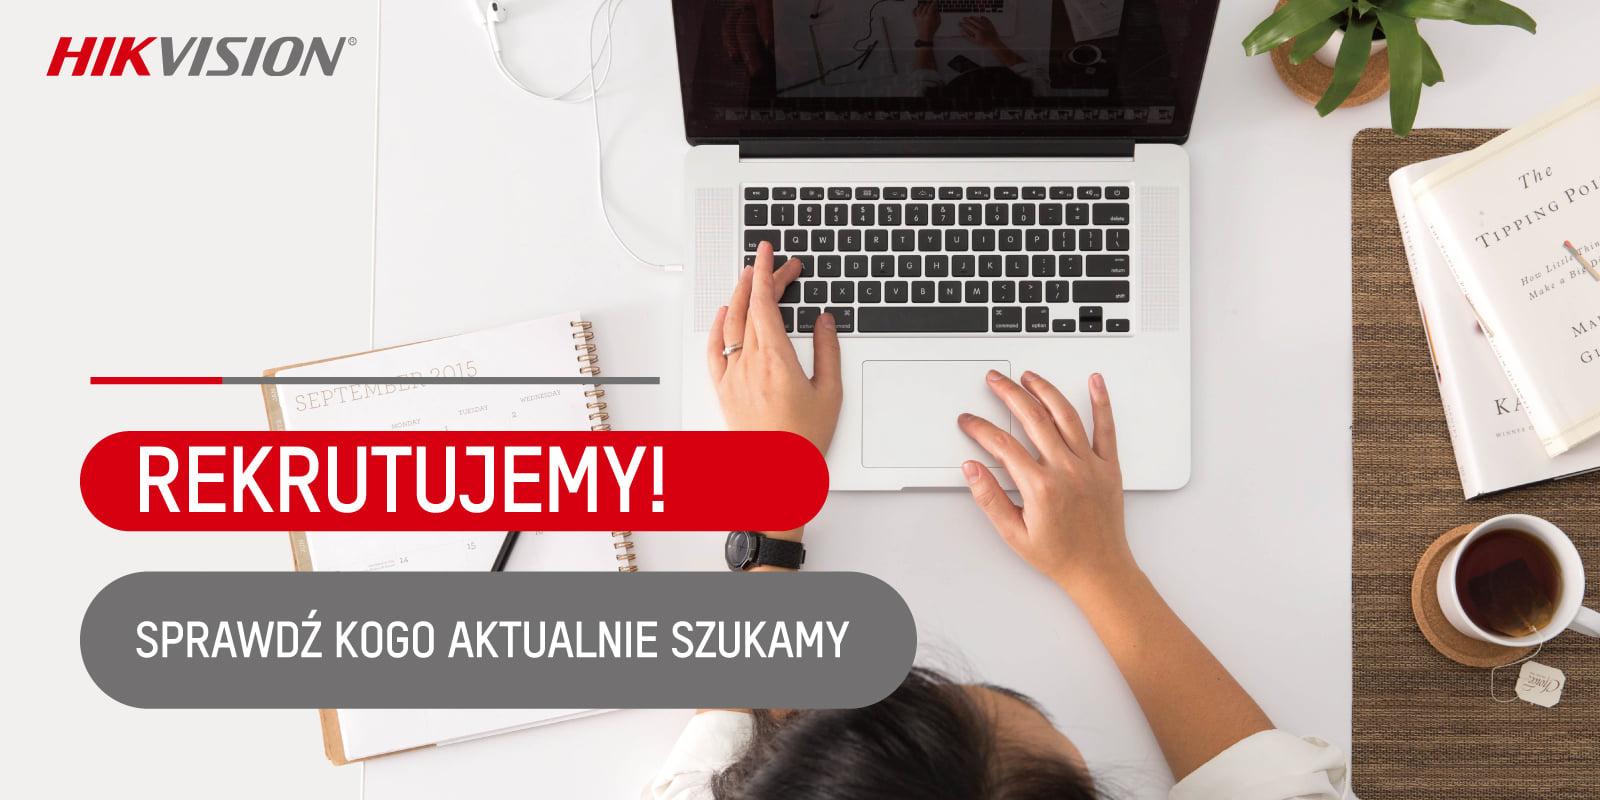 Rekrutacja na staż w branży nowych technologii – Hikvision Poland